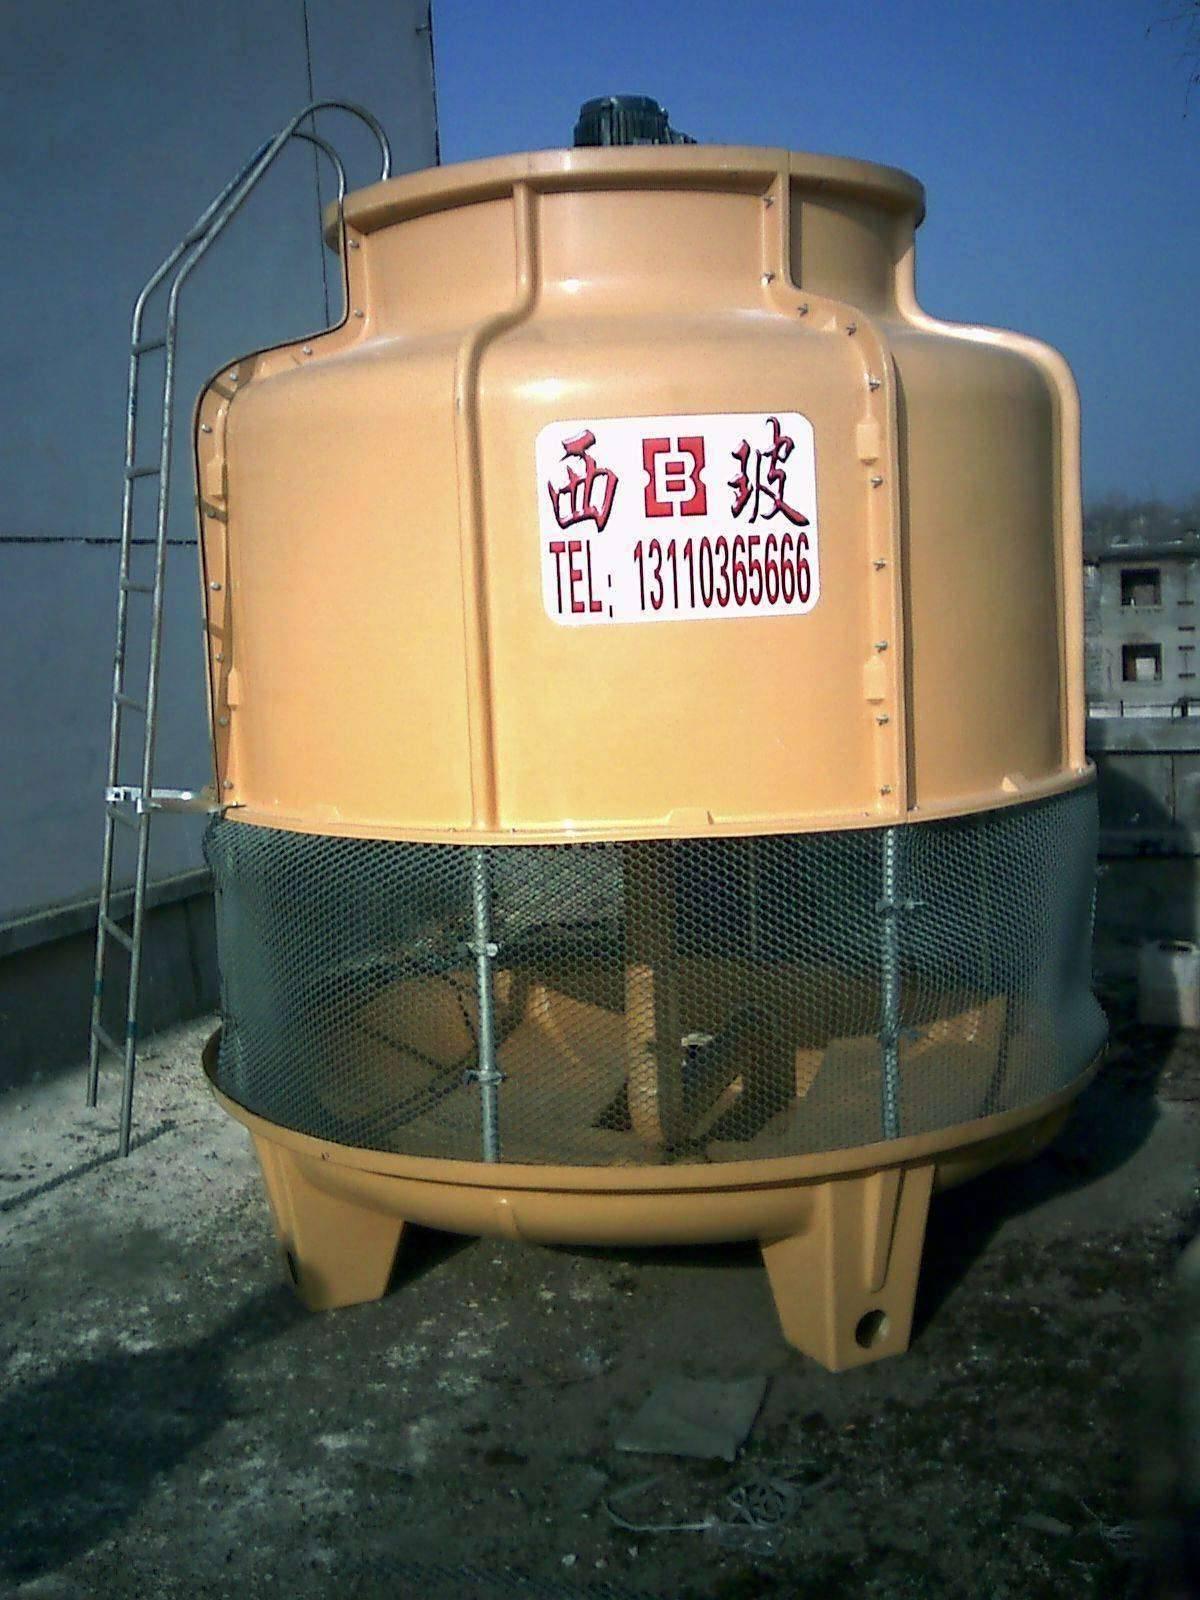 玻璃钢冷却塔13110365666